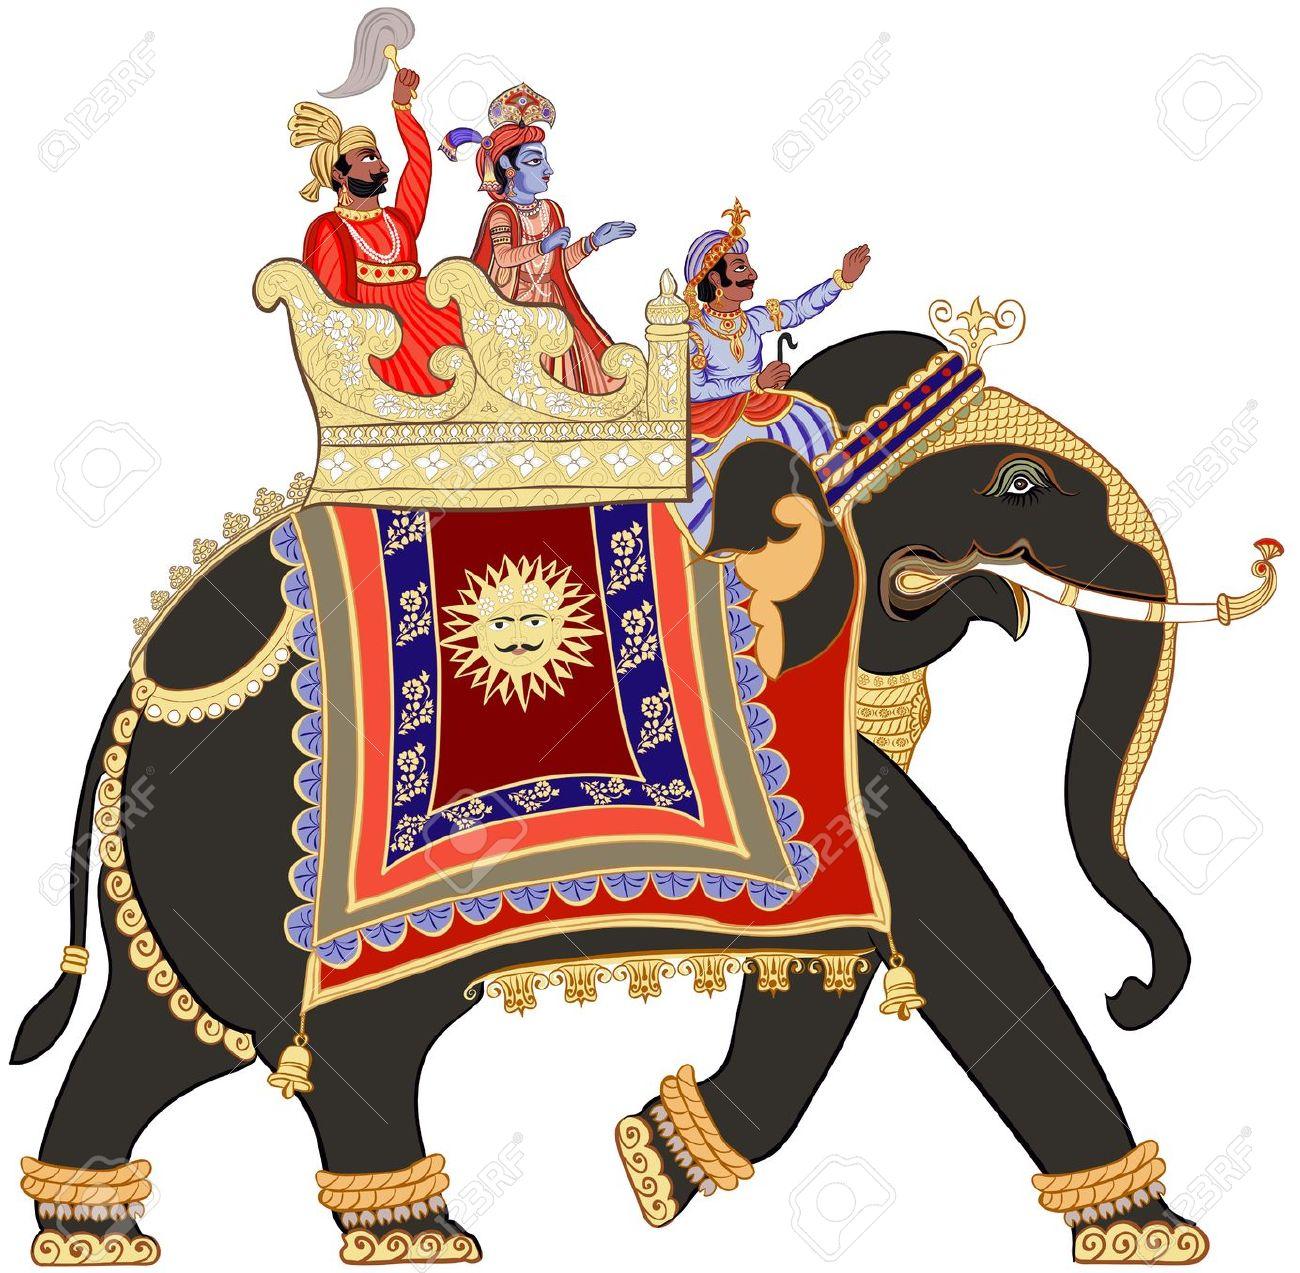 137 Maharaja Stock Vector Illustration And Royalty Free Maharaja.